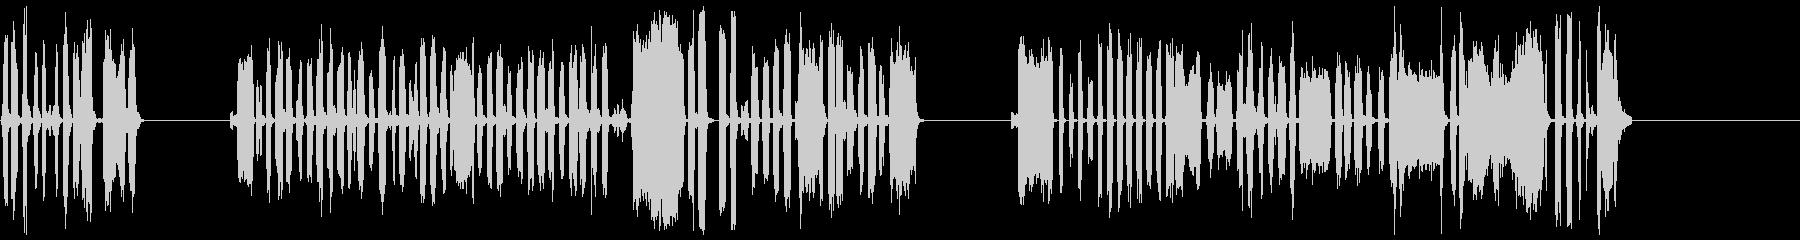 DJスクラッチパフォーマンス4-6の未再生の波形